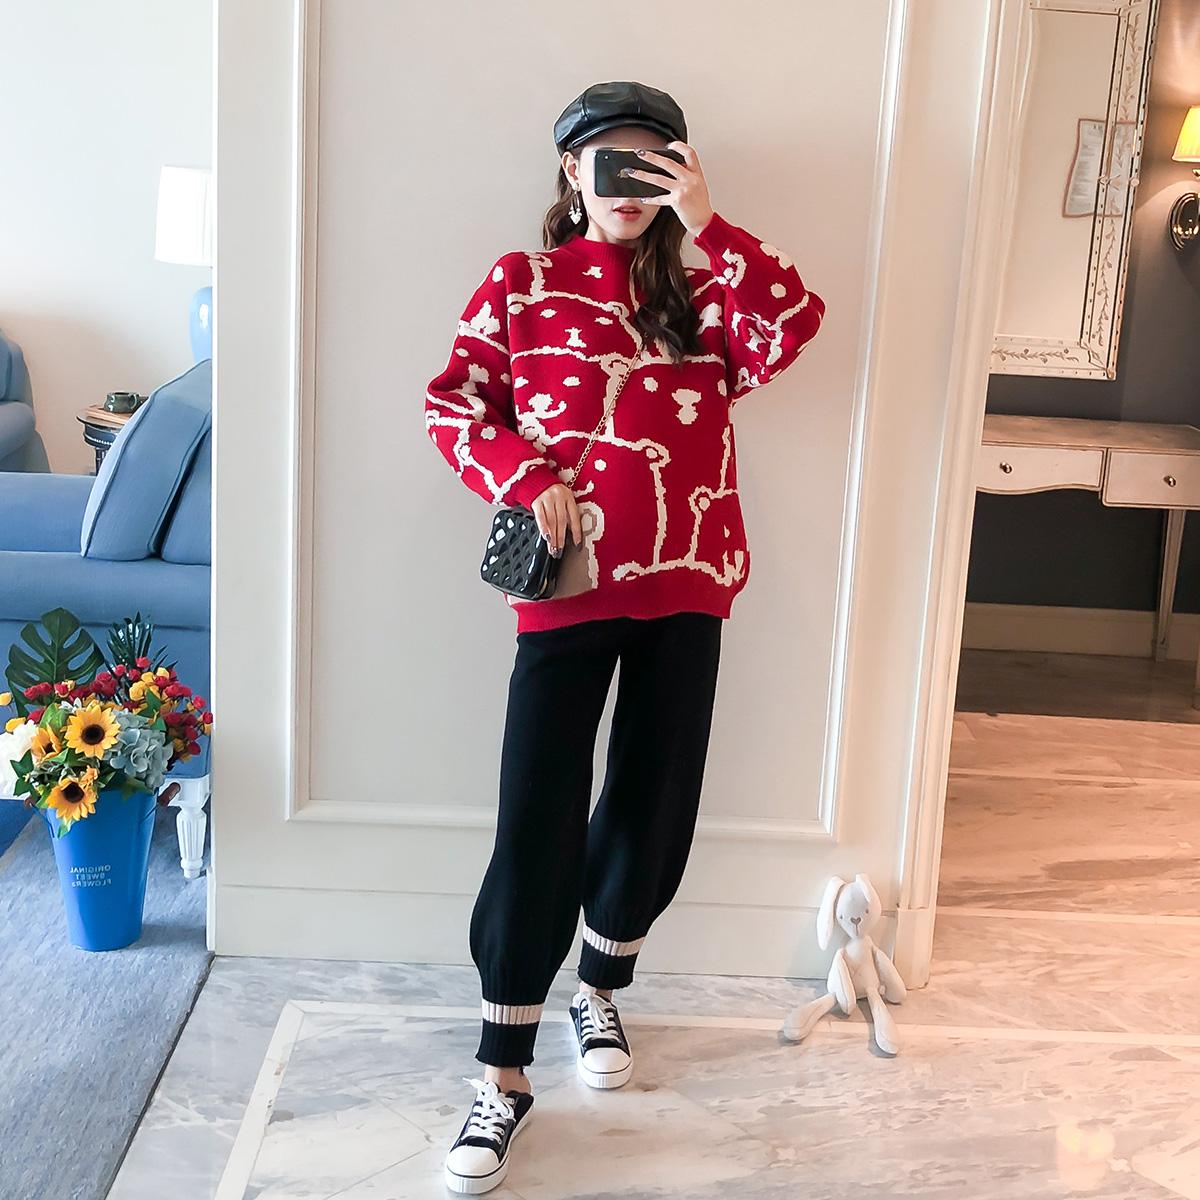 Bộ đồ mùa thu dành cho bà bầu 2020 Thời trang mới dành cho bà bầu Áo sơ mi ngắn tay áo len dệt kim - Áo thai sản